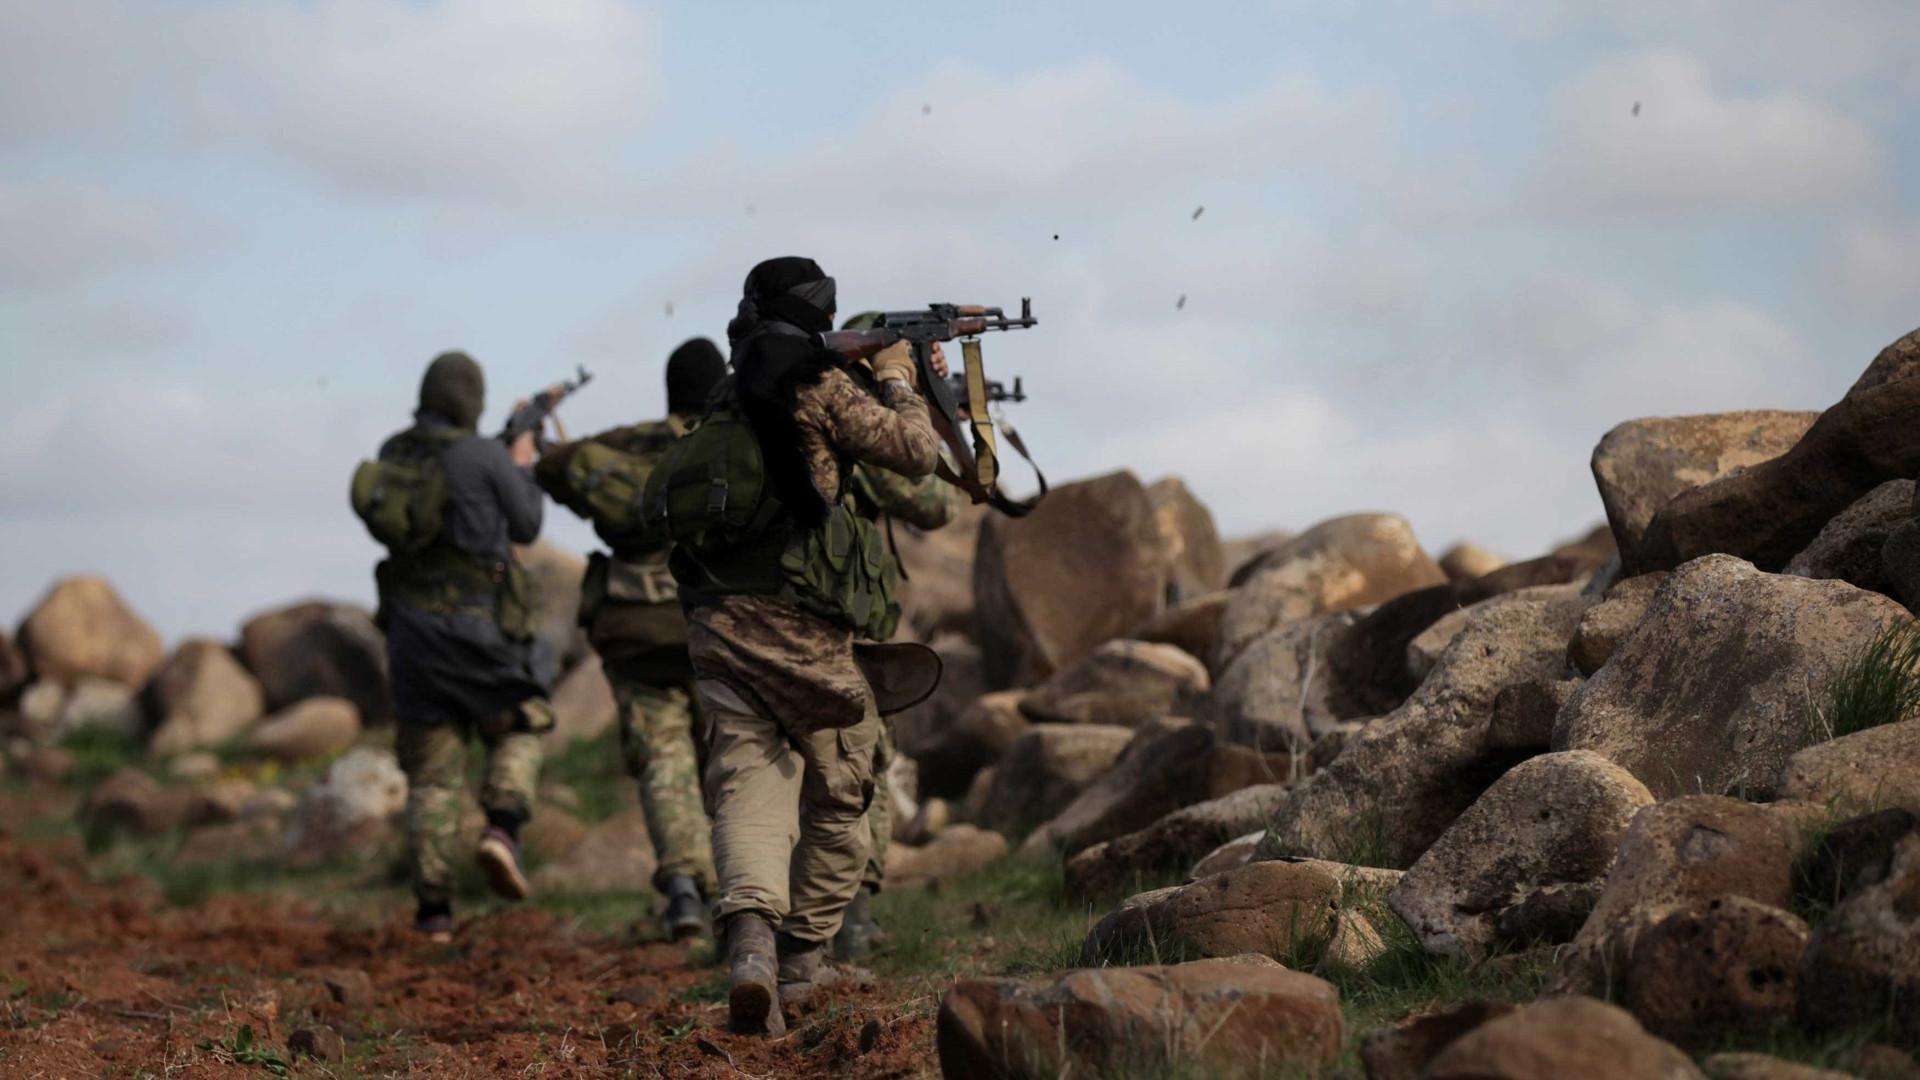 Nova ronda negocial para a paz na Síria marcada para dia 23 em Genebra